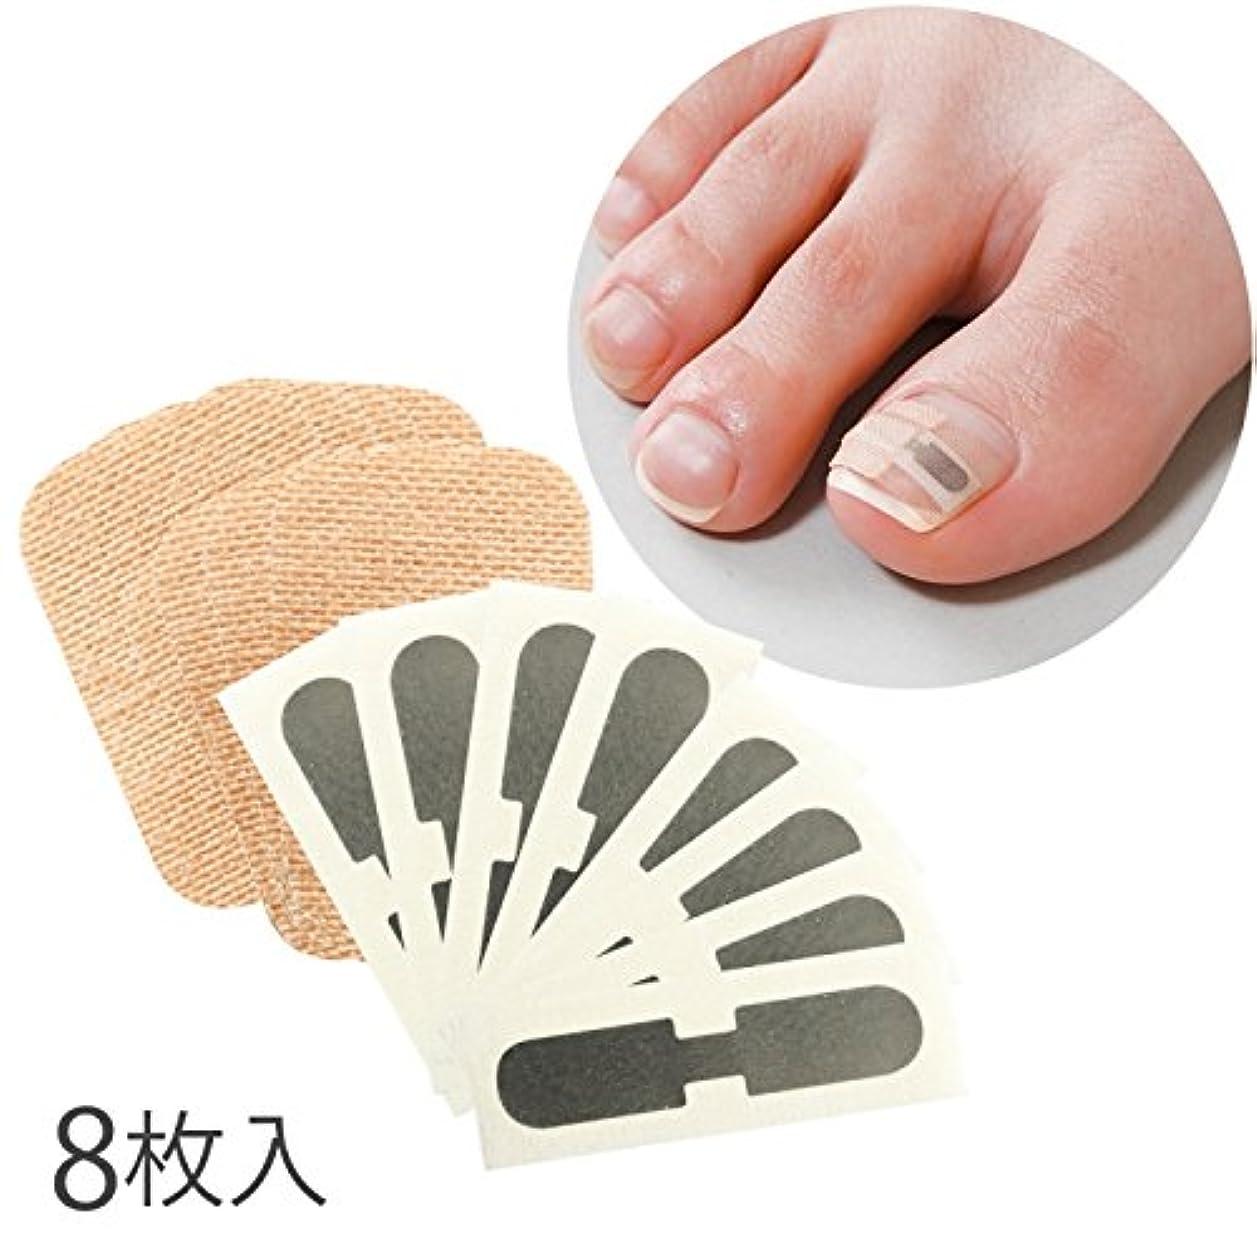 パス代わりに使い込む巻き爪リフトシール 1ヶ月ケア 8回分 / 8-4134-01